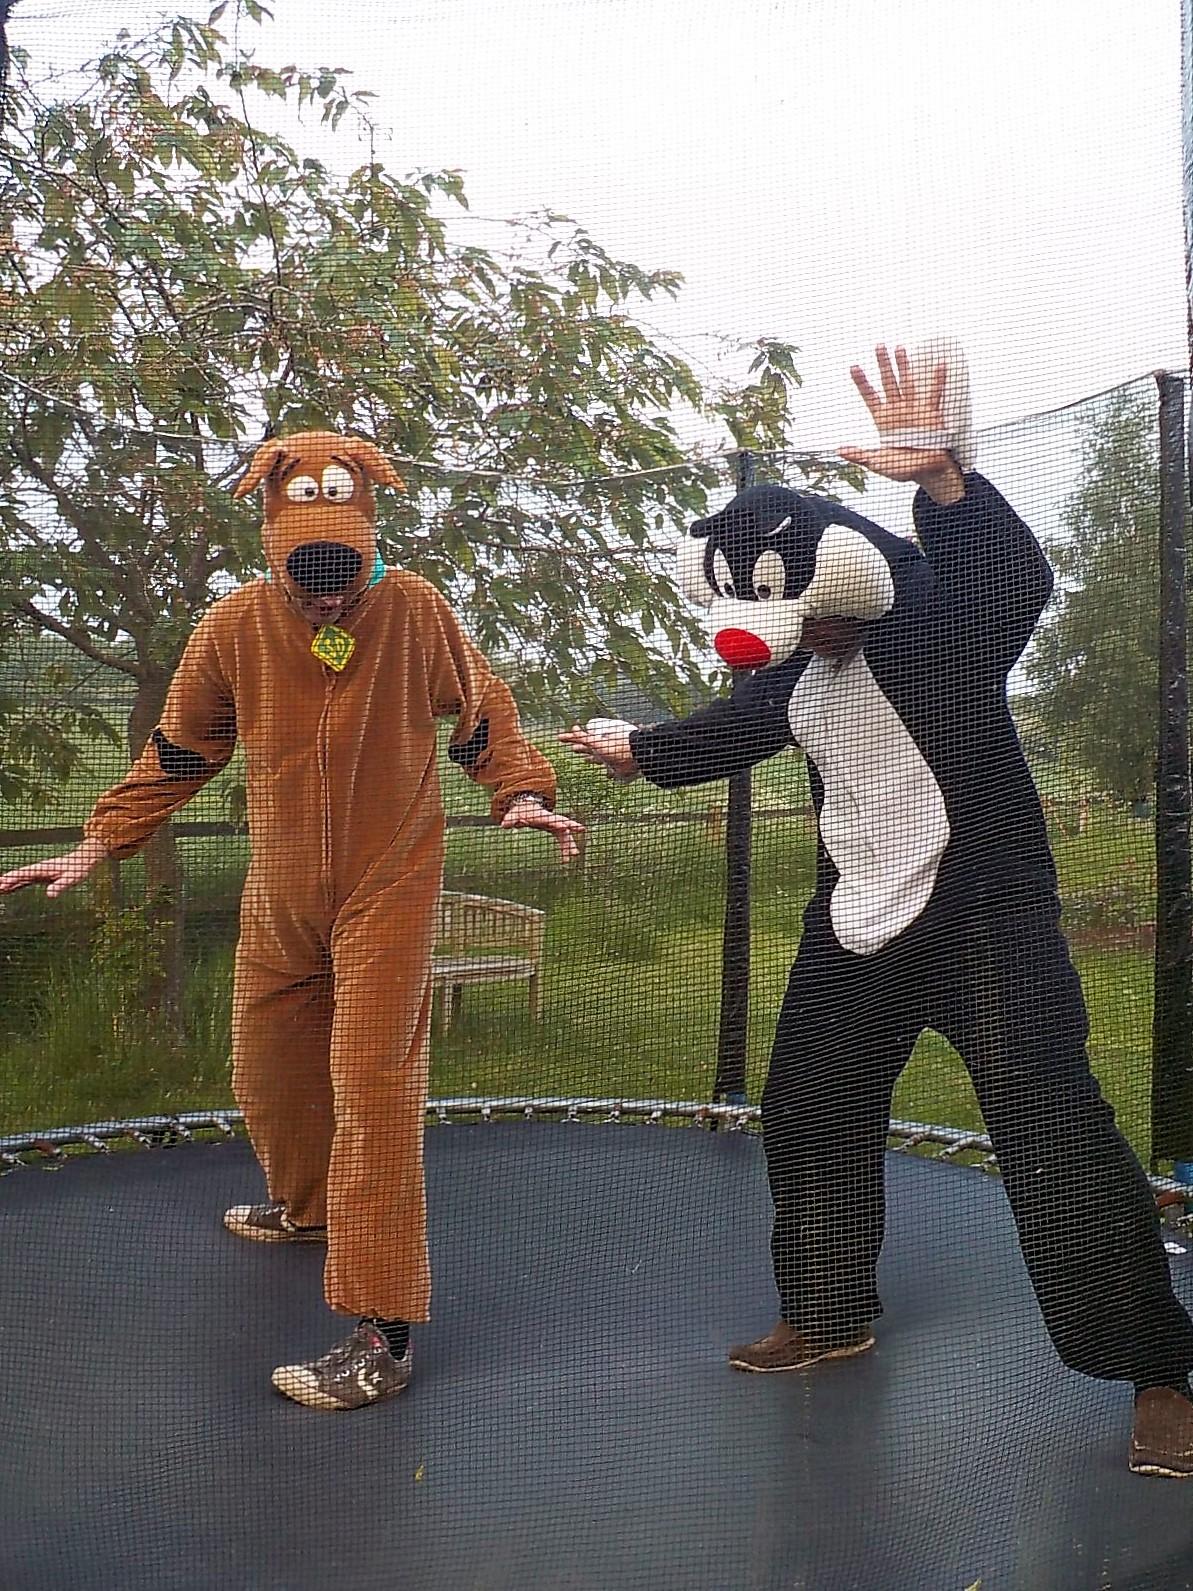 Sylvester & Scooby Doo